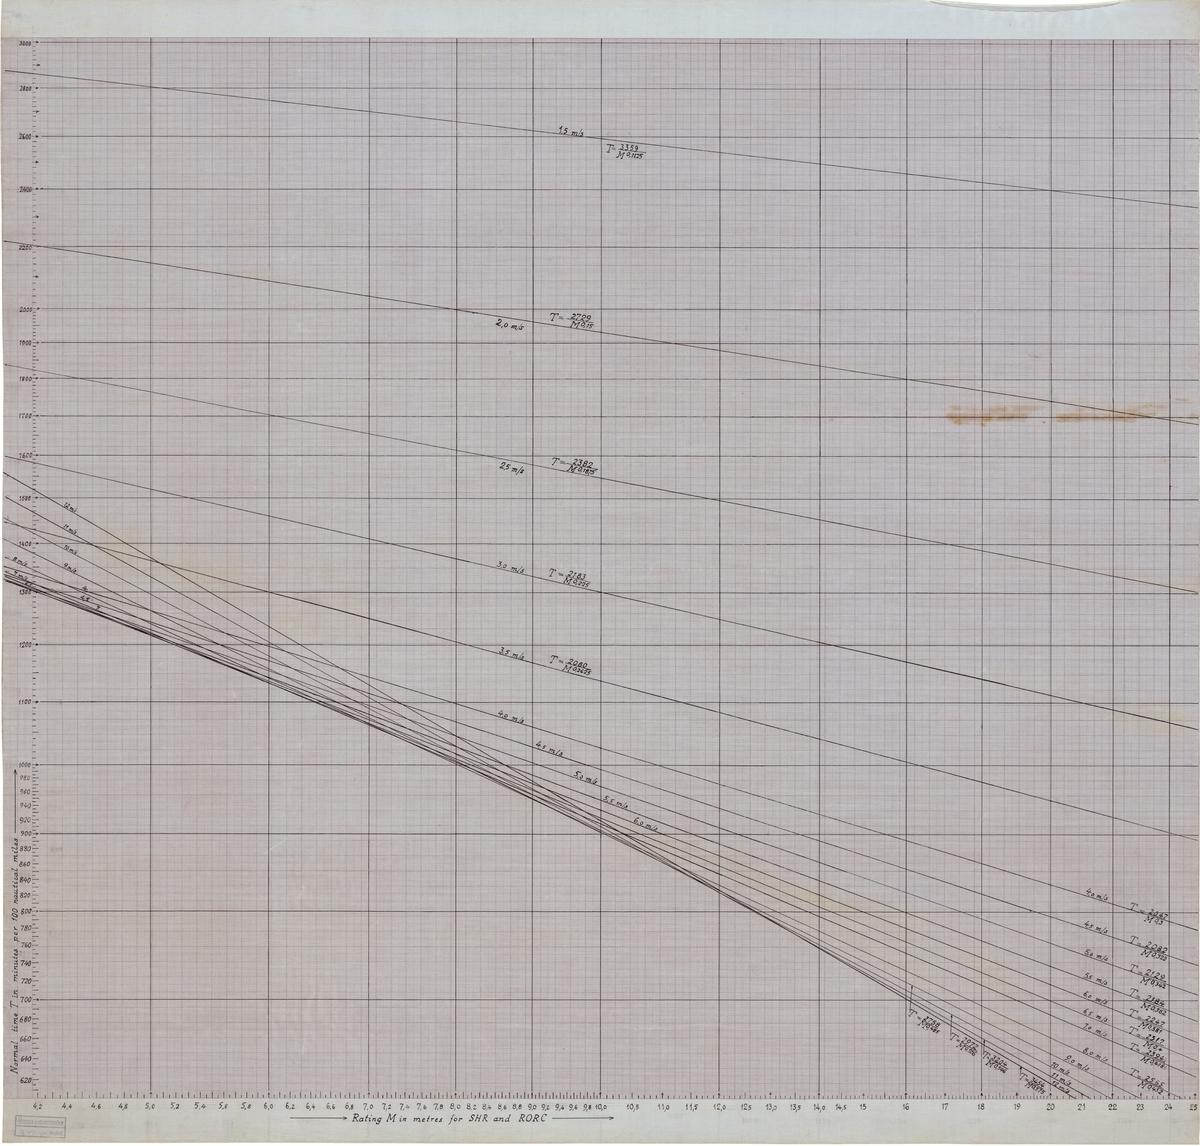 Hastighetsplot för segelbåtar enligt SHR och RORC (Royal Ocean Racing Club).